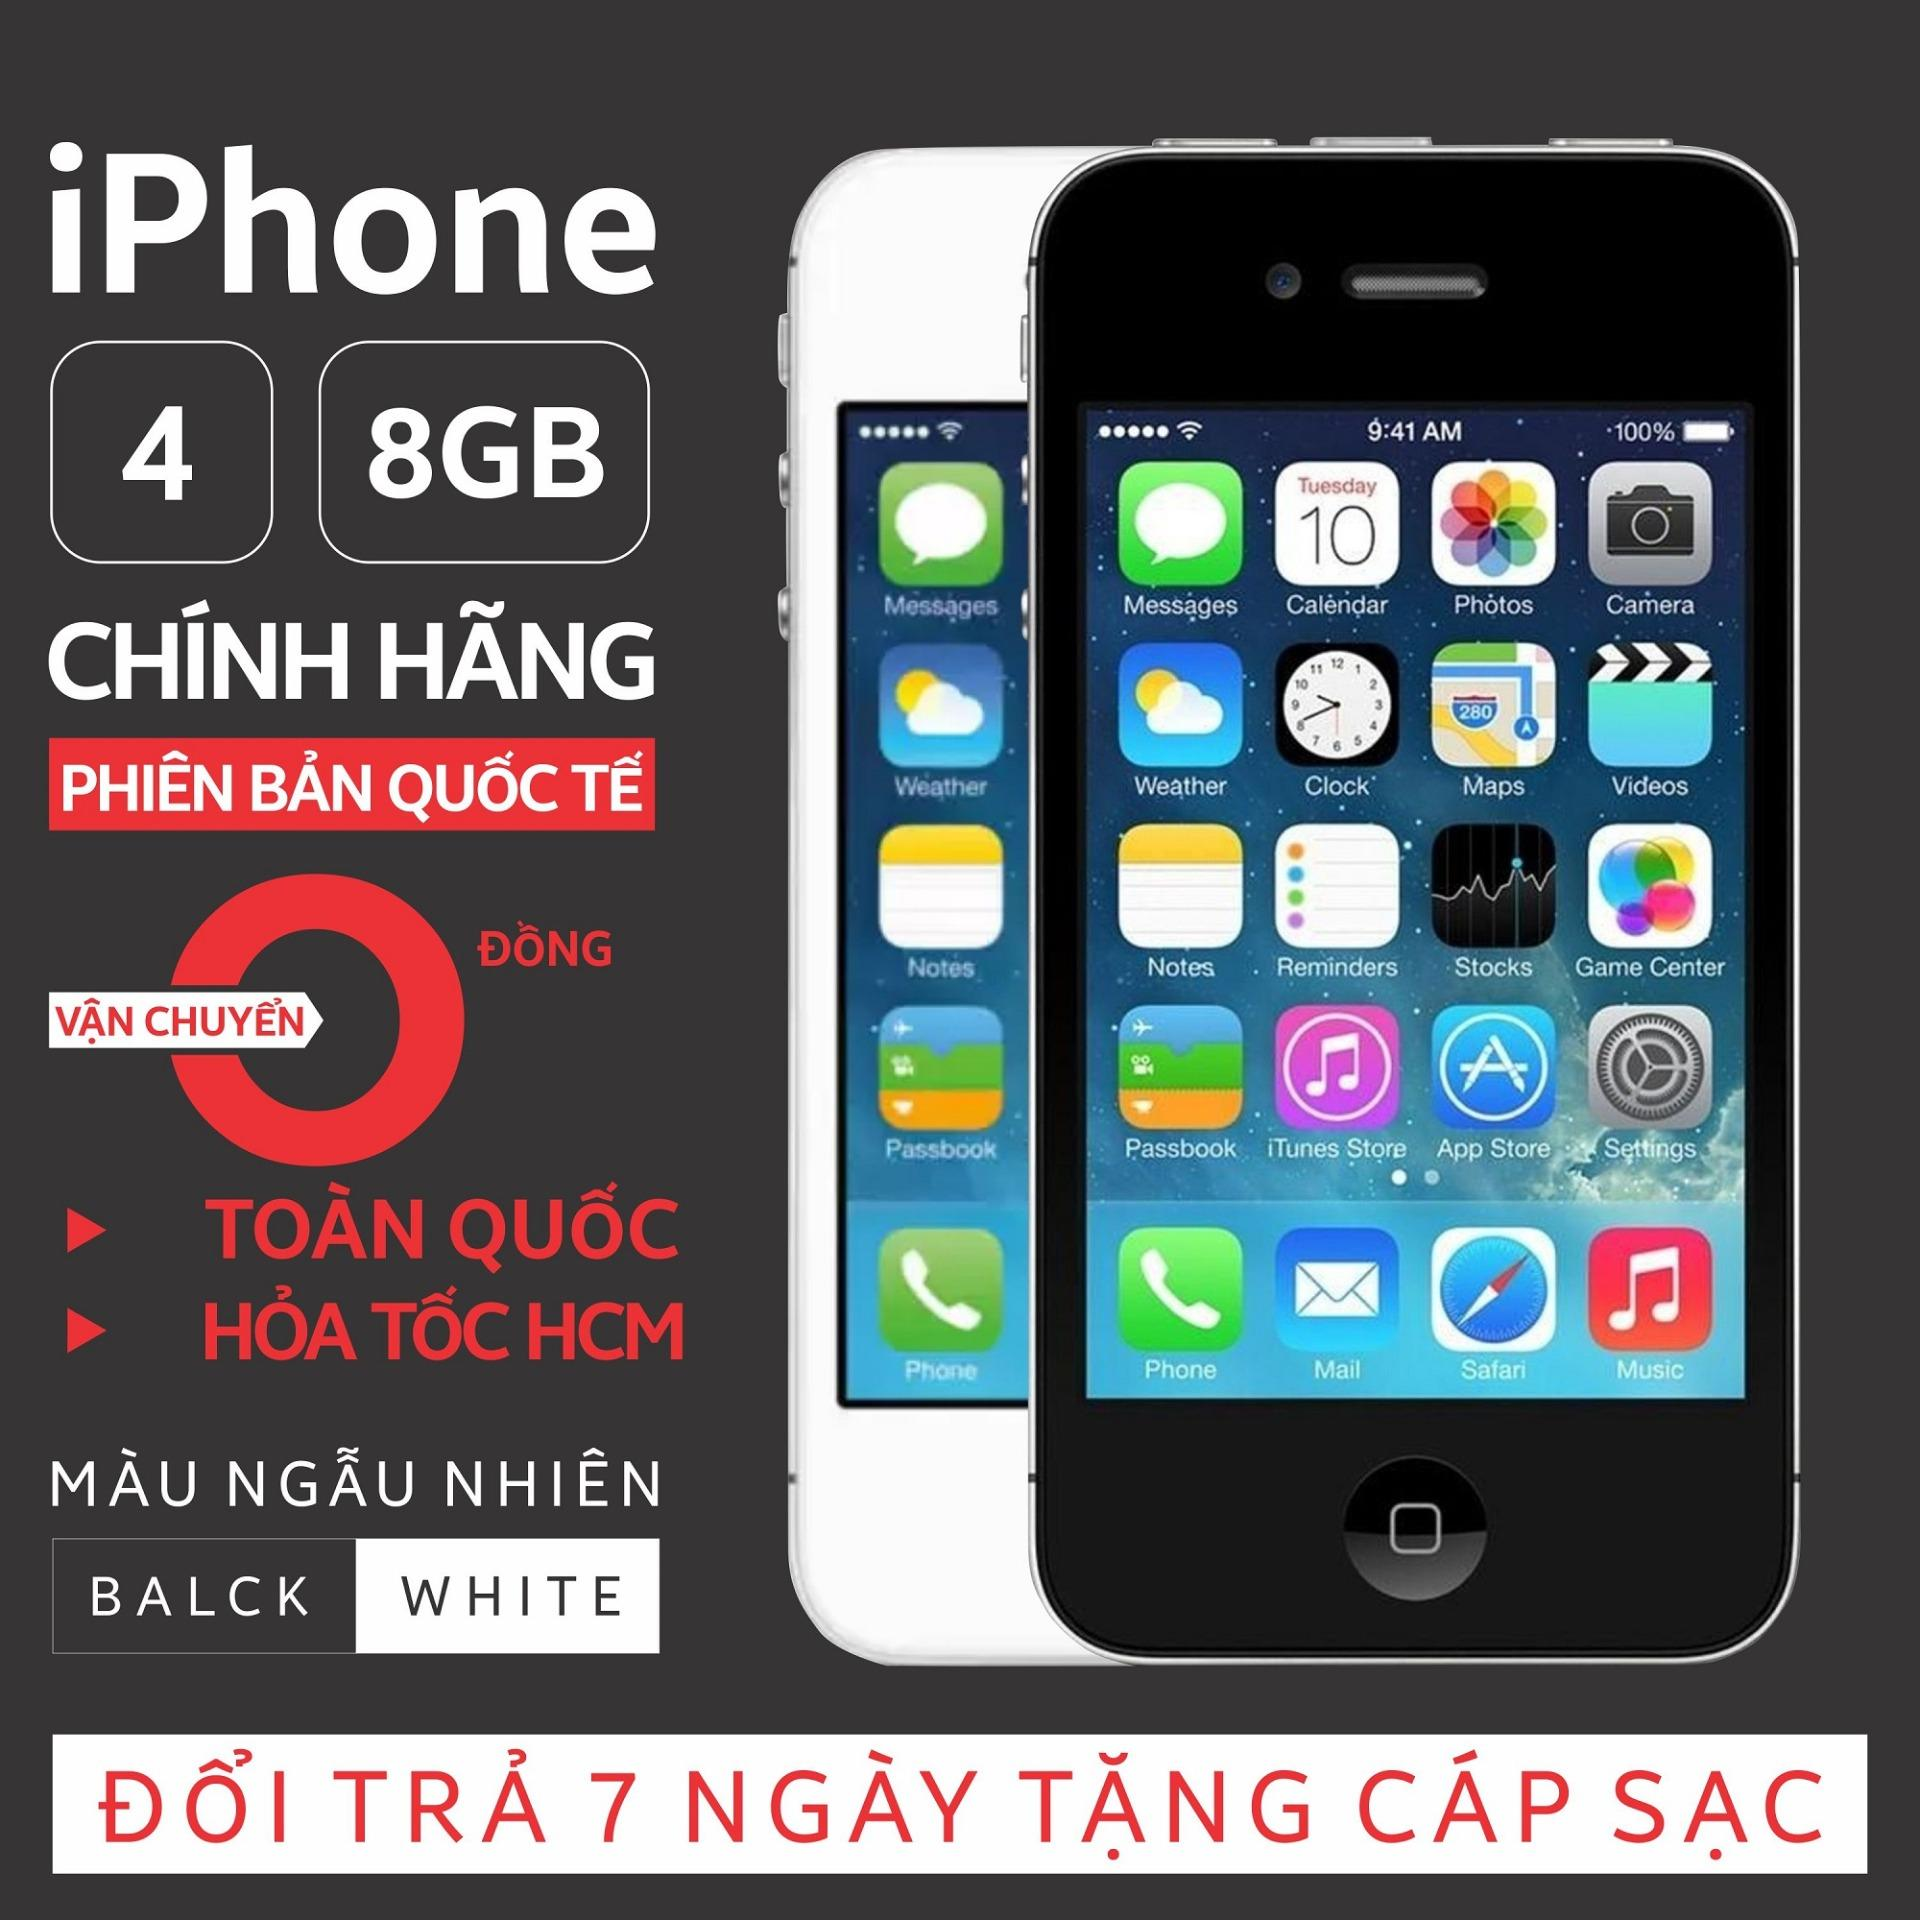 Điện thoại IPHONE4 - 8GB giá rẻ - Phiên bản quốc tế - Everything store - Bao đổi trả (Màu ngẫu nhiên trắng/đen) - Tặng cáp sạc